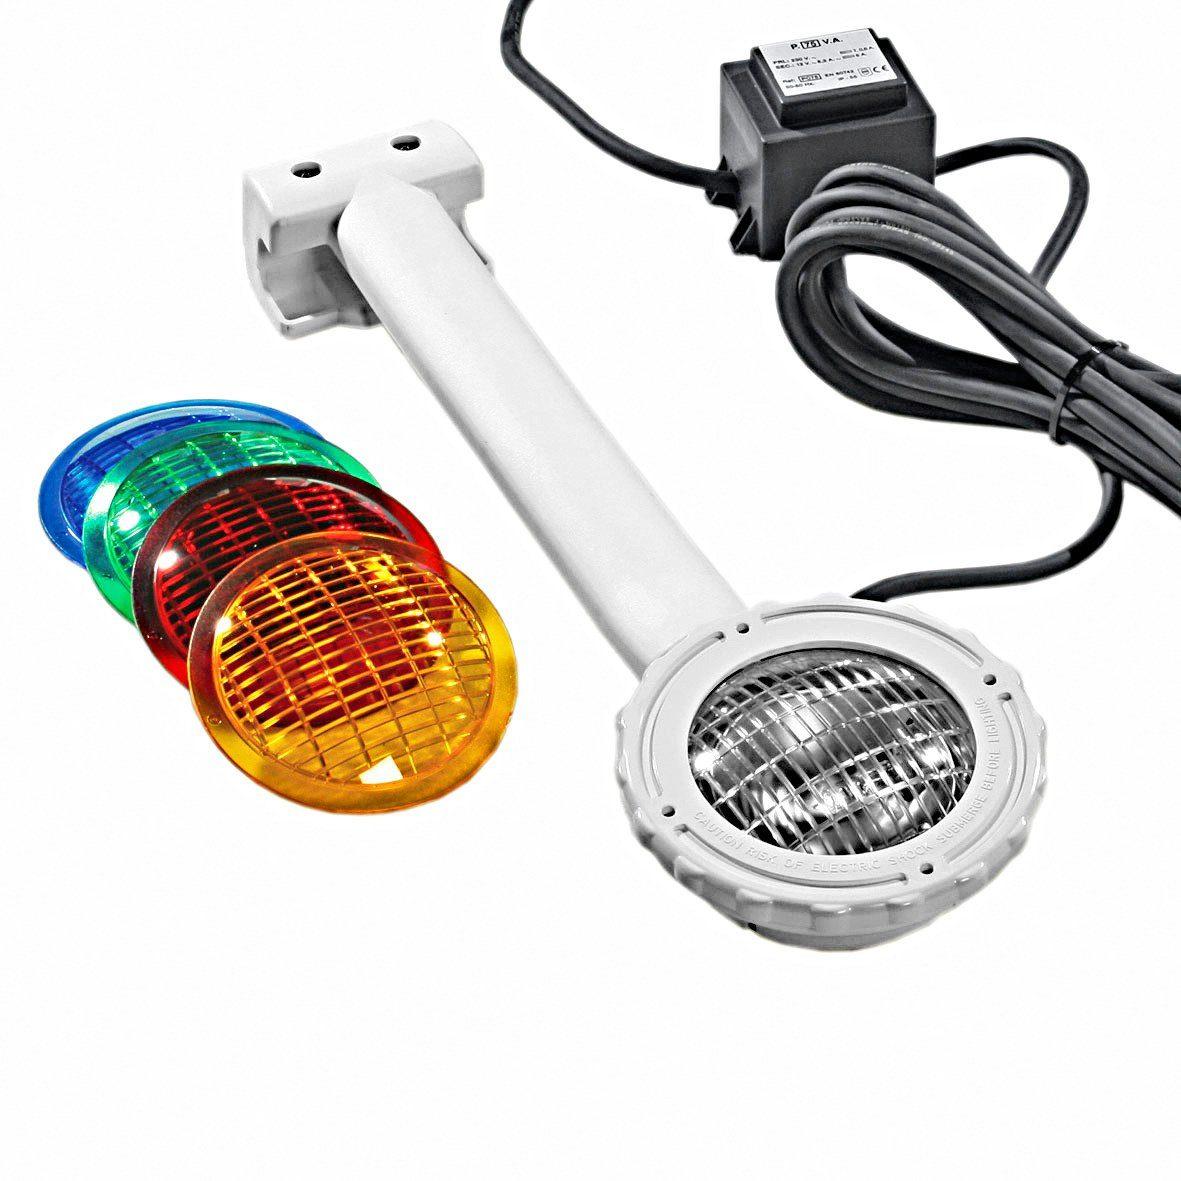 Mypool Poolbeleuchtung »Einhängescheinwerfer«, inkl. 4 Farbscheiben